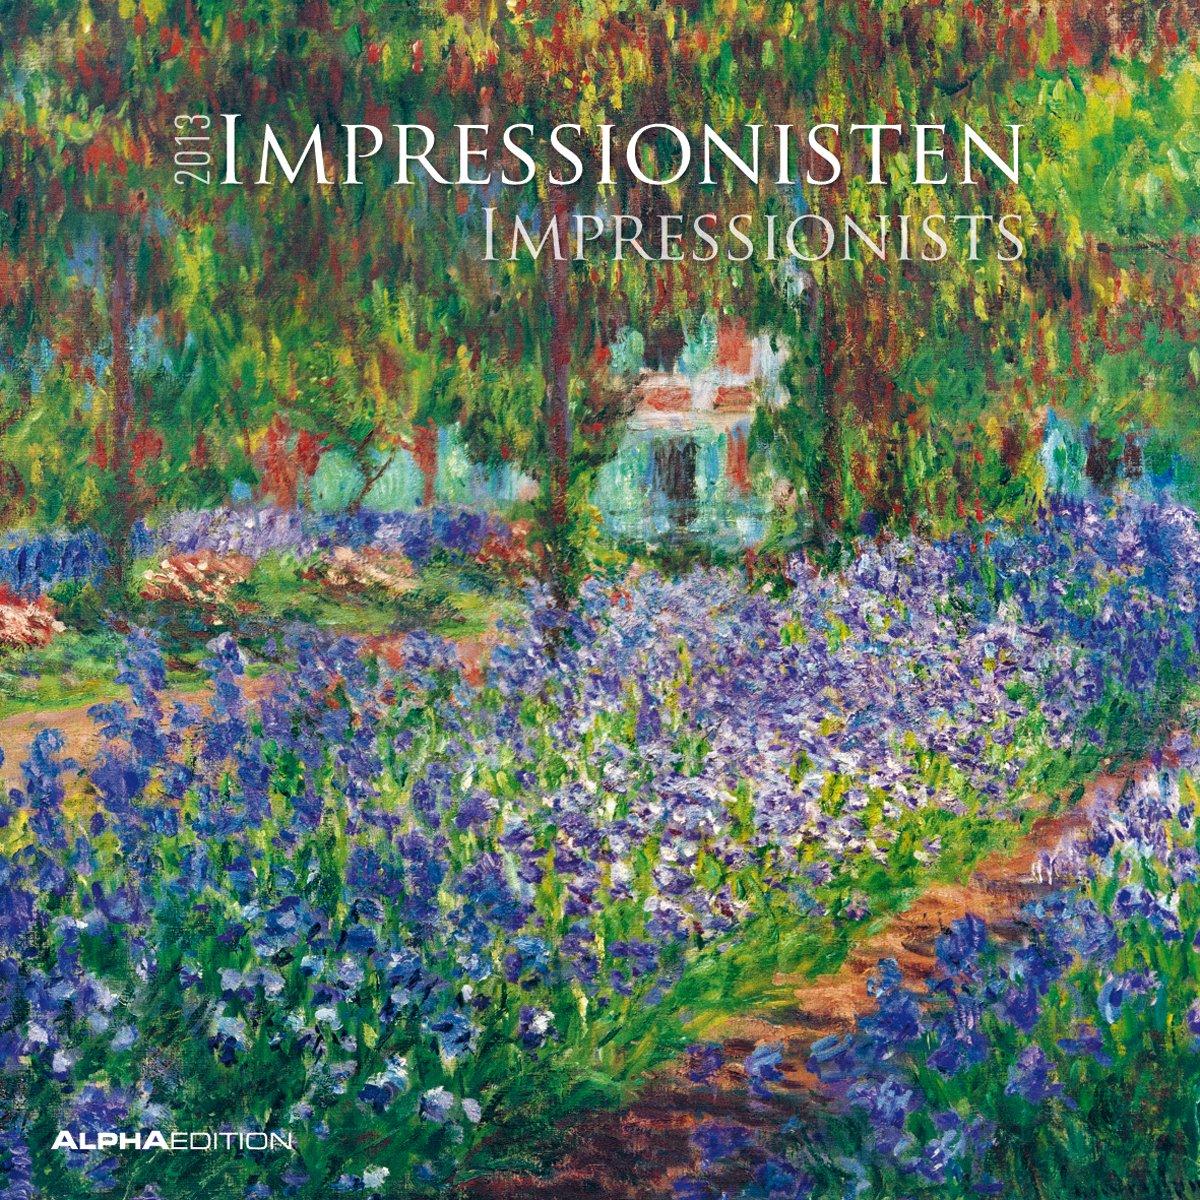 impressionisten-broschrenkalender-2013